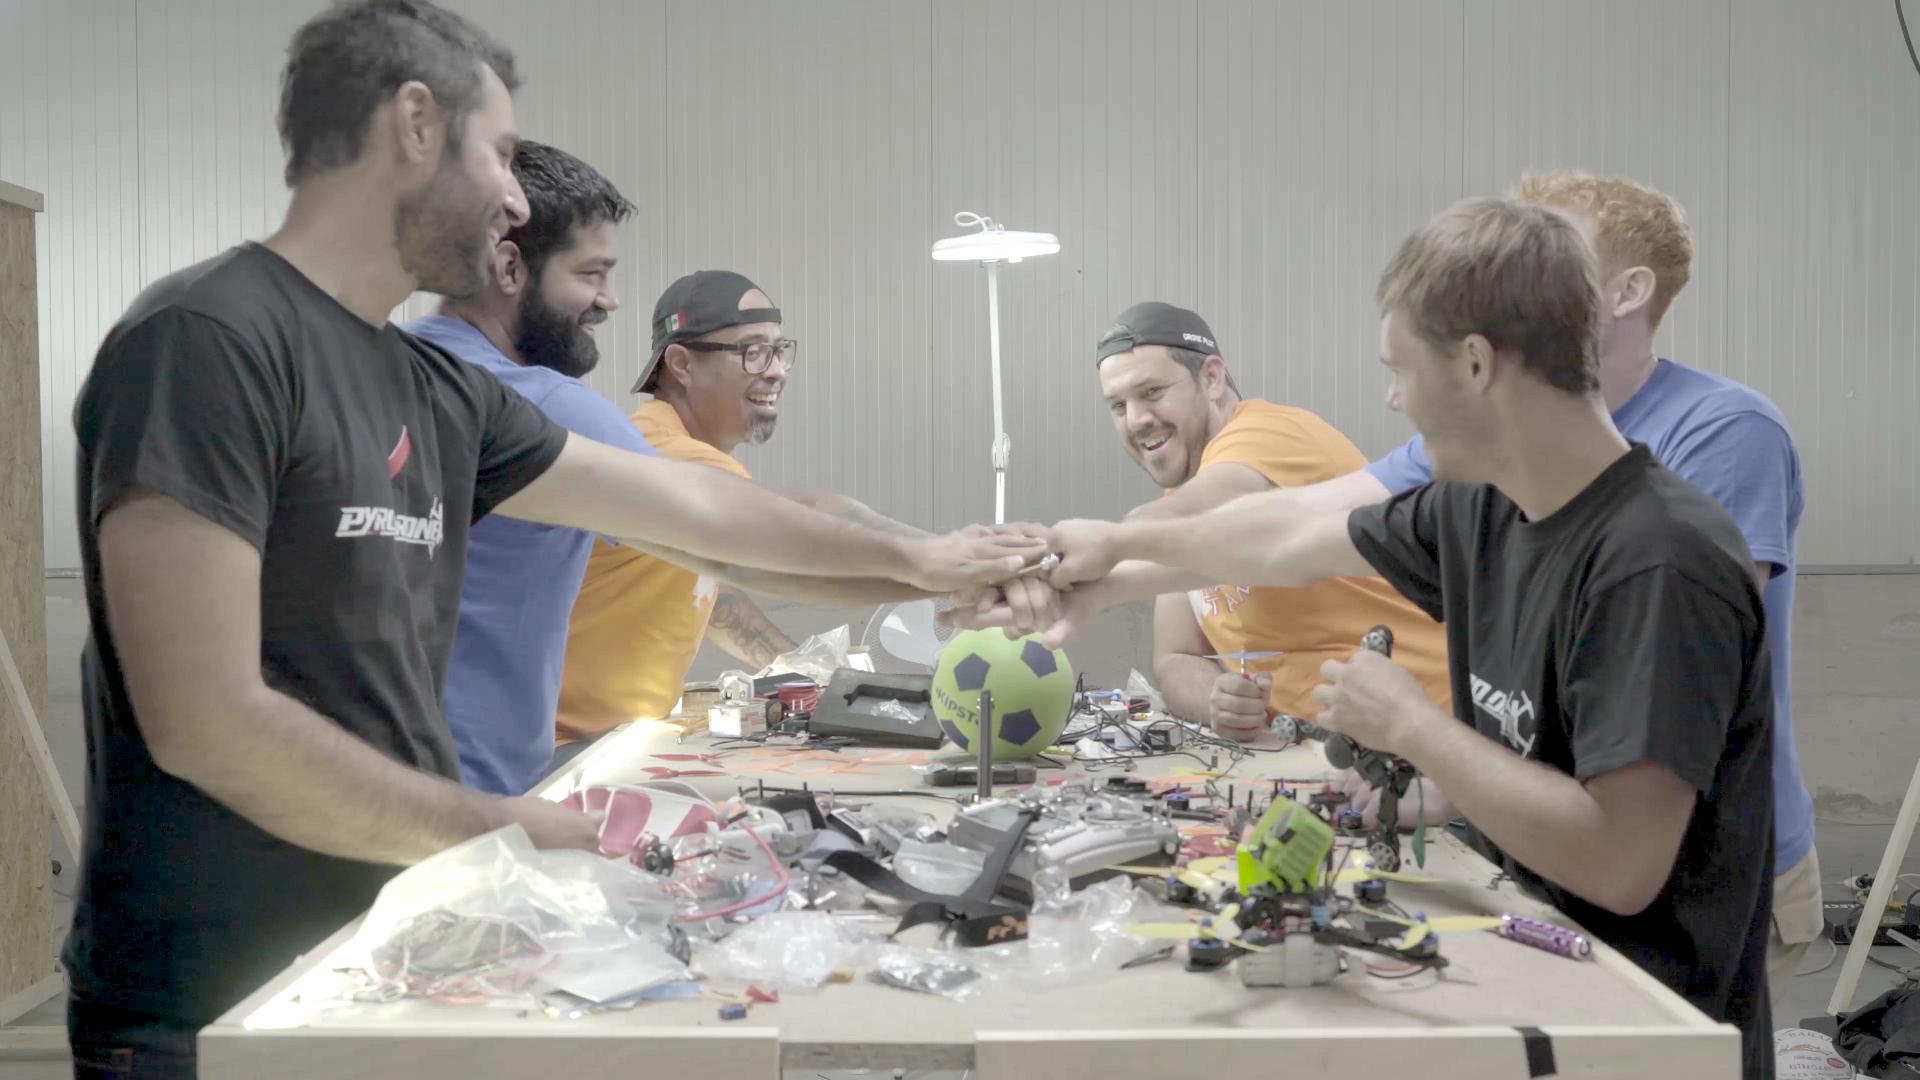 """Umiejętności, wiedza i doświadczenie w emocjonującym pojedynku - """"Wojny dronów"""" w grudniu na kanale National Geographic"""